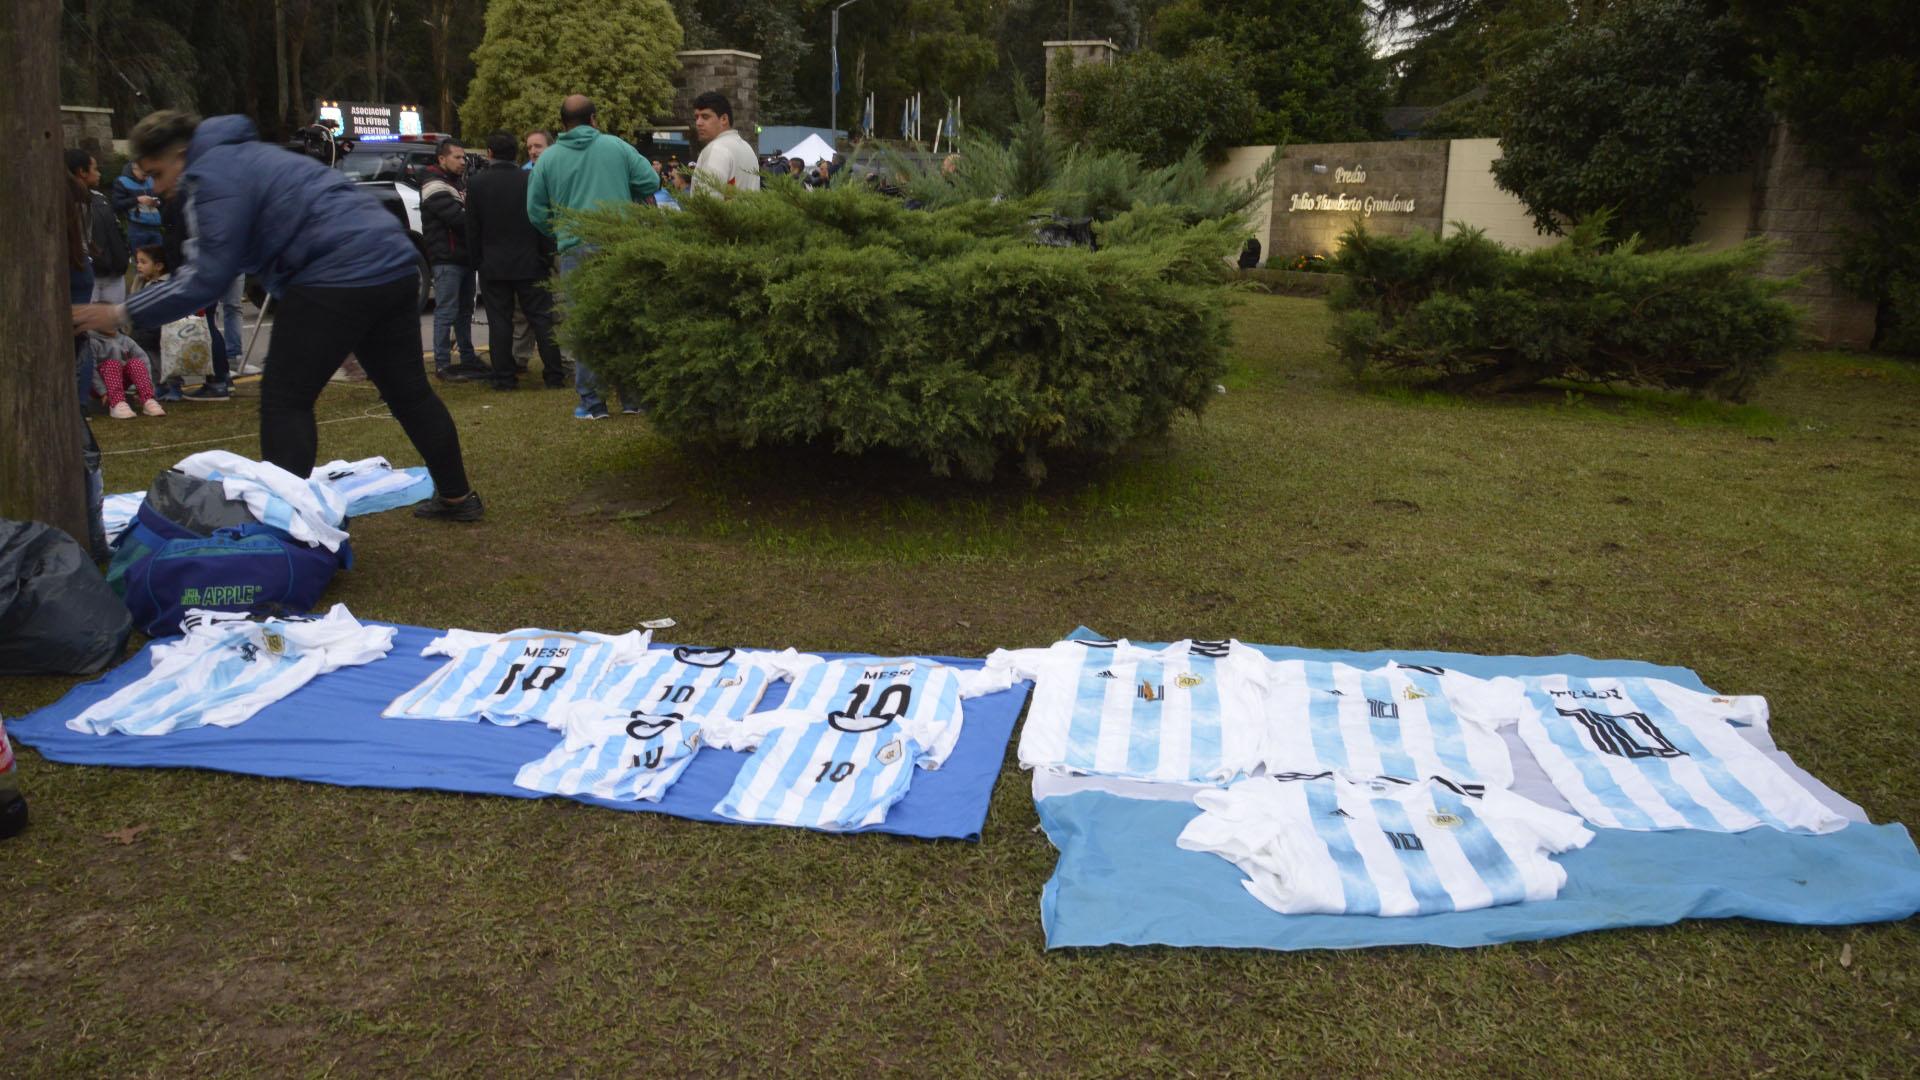 Con la 10 de Lionel Messi, las camisetas de la selección argentina que llevaron varios vendedores